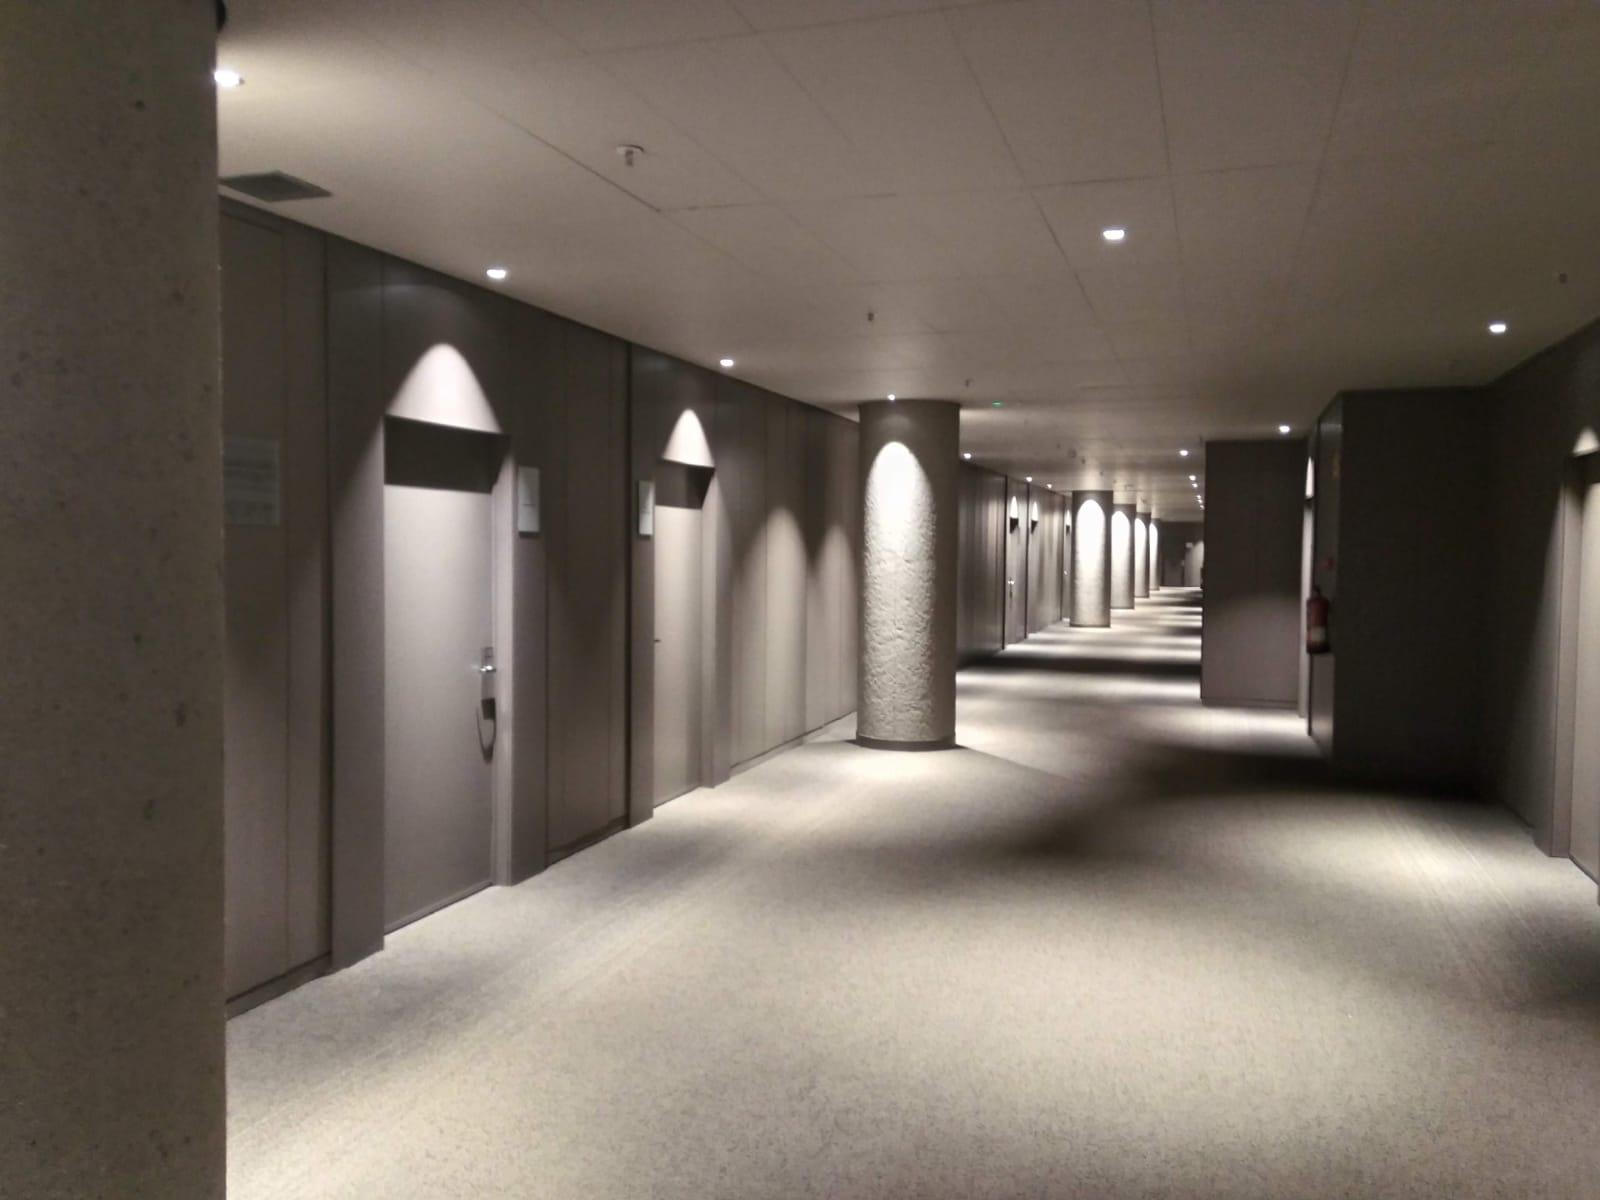 Pasillos y puertas de habitaciones lacadas